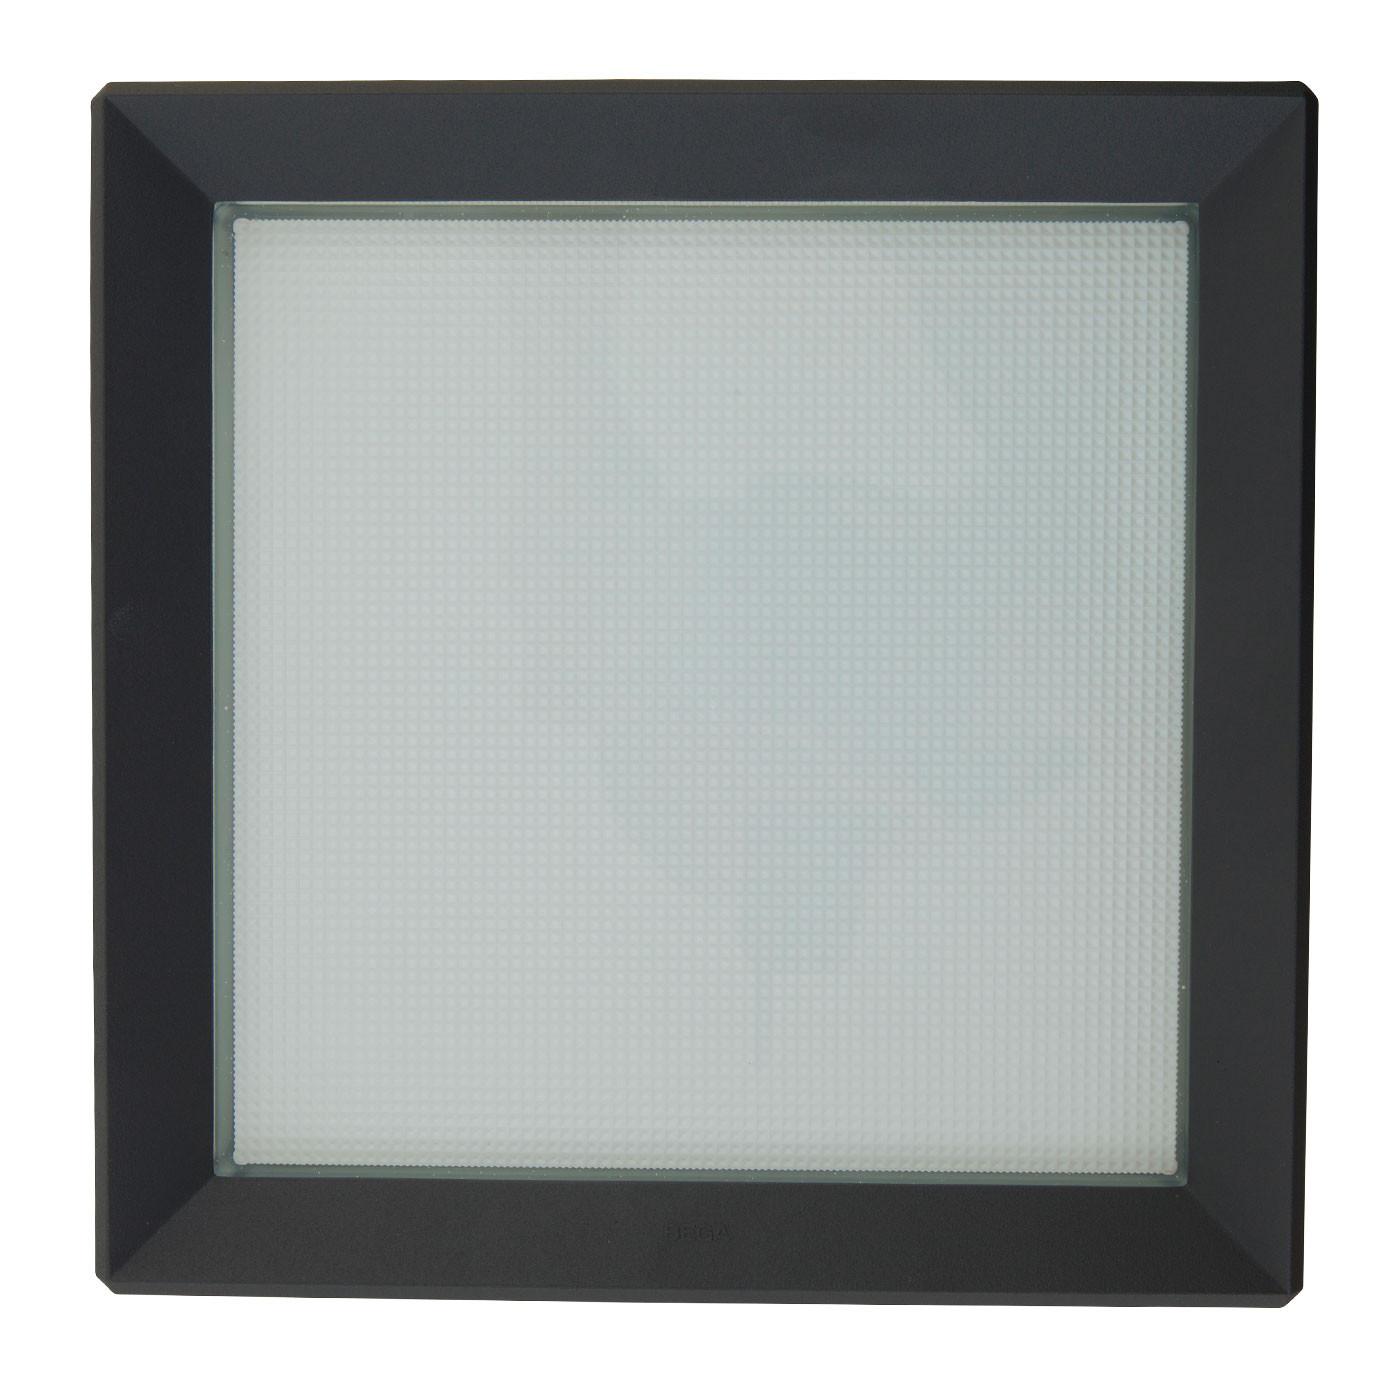 Bega 24397K3 LED Wand-Deckenleuchte mit Bewegungsmelder